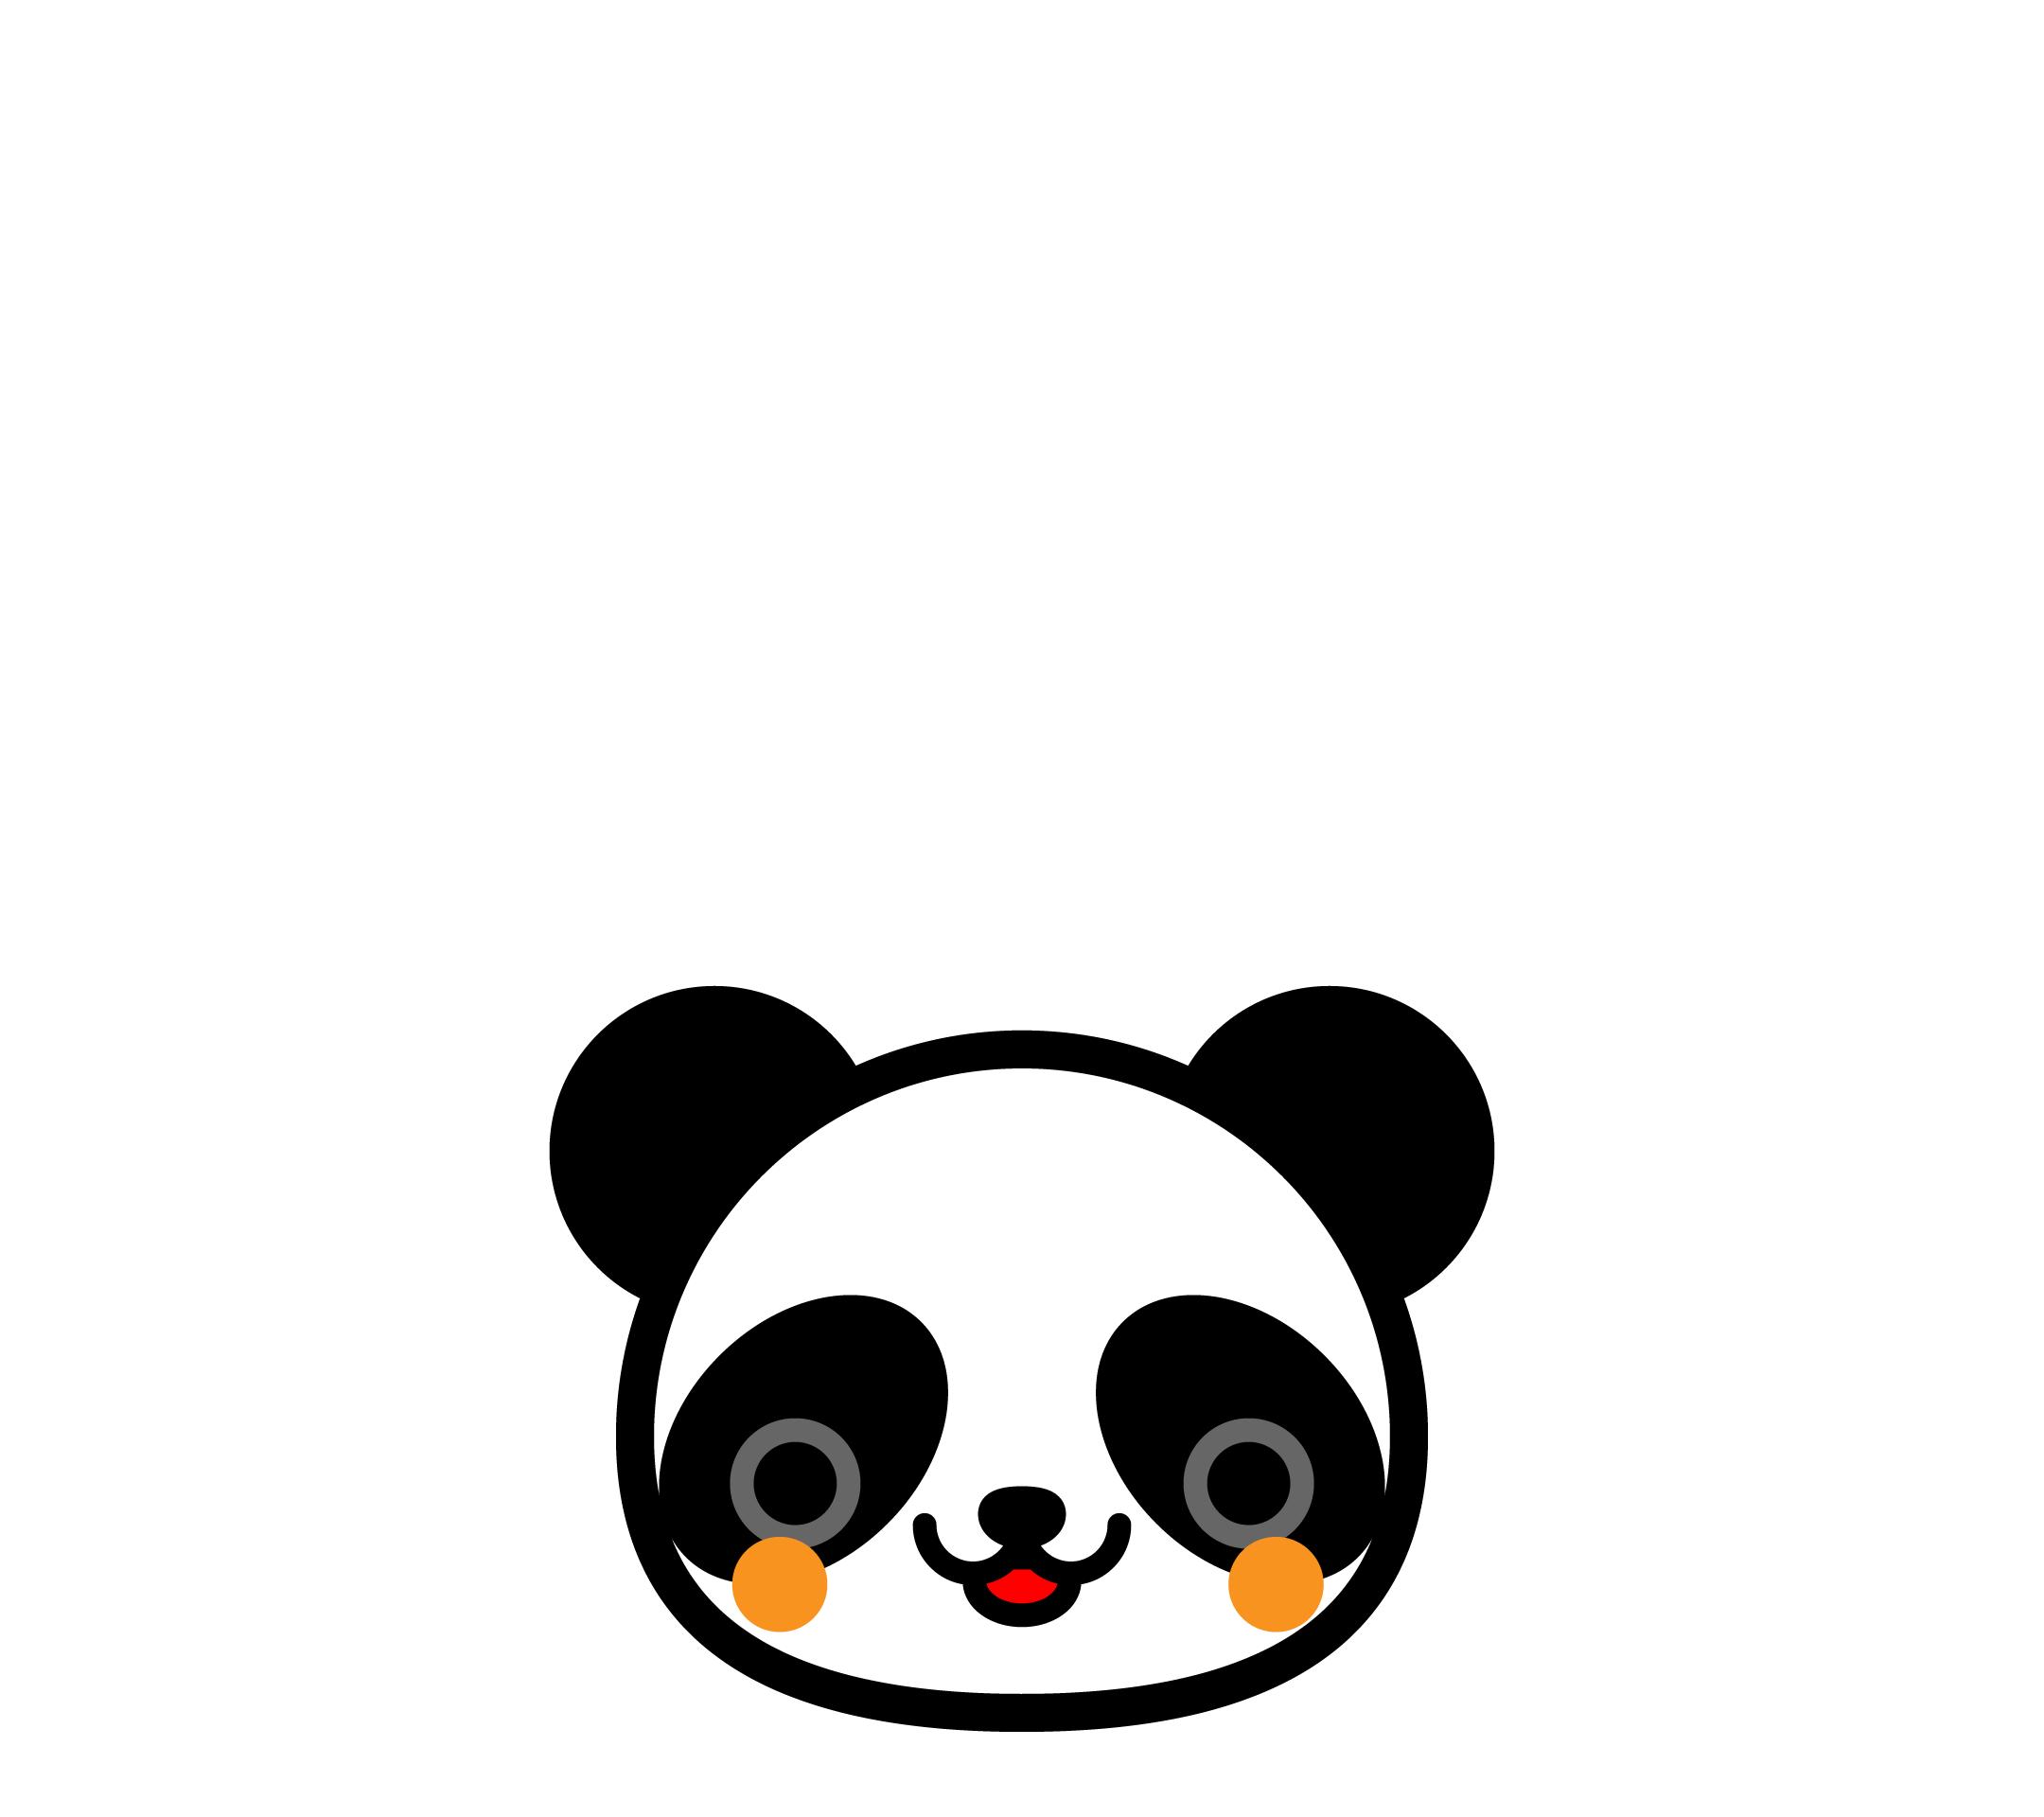 かわいい顔だけパンダ壁紙(Android)の無料イラスト・商用フリー